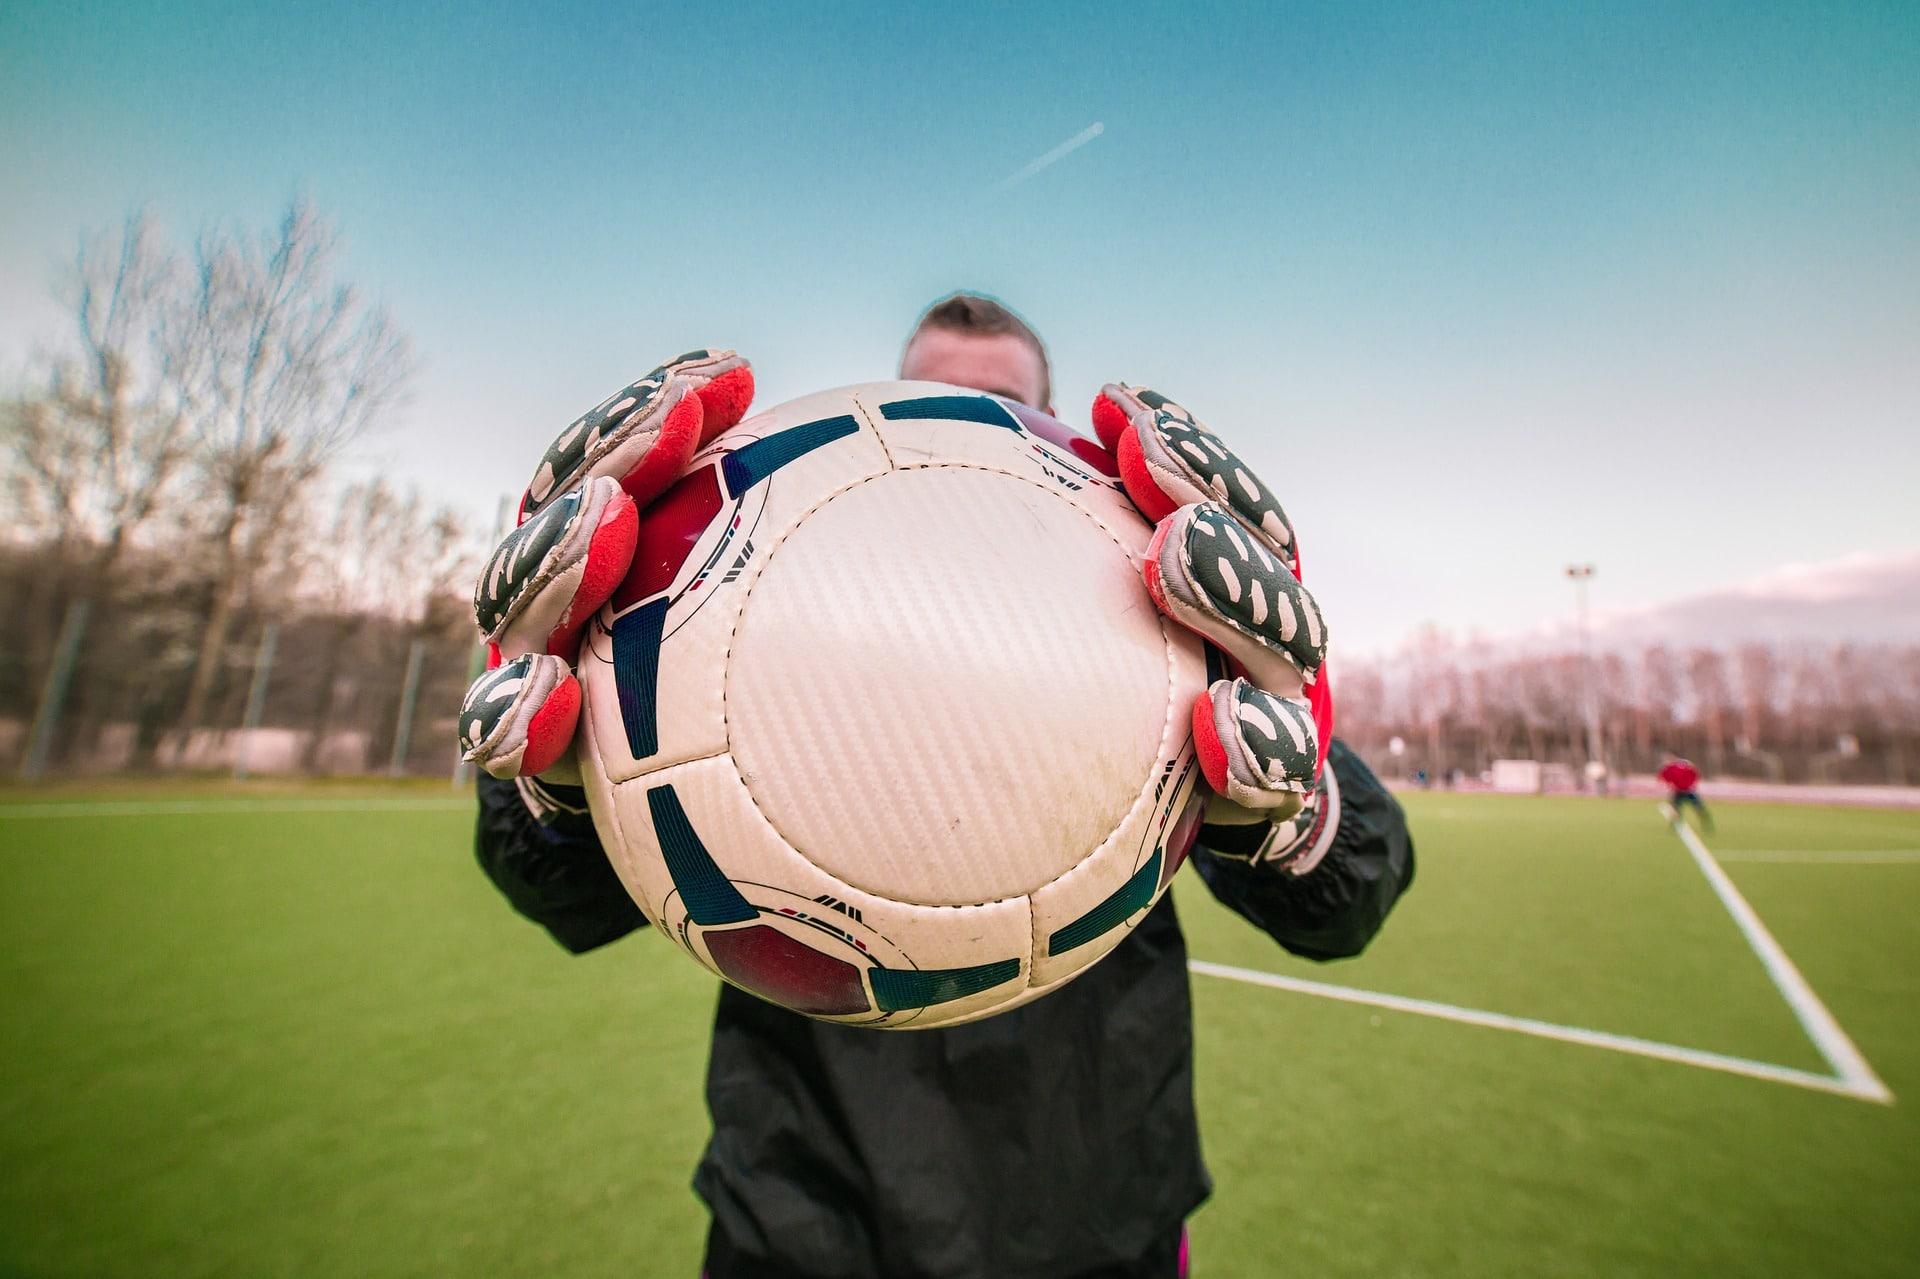 Wie steigert man seine Ausdauer um beim Fussball besser spielen zu können?